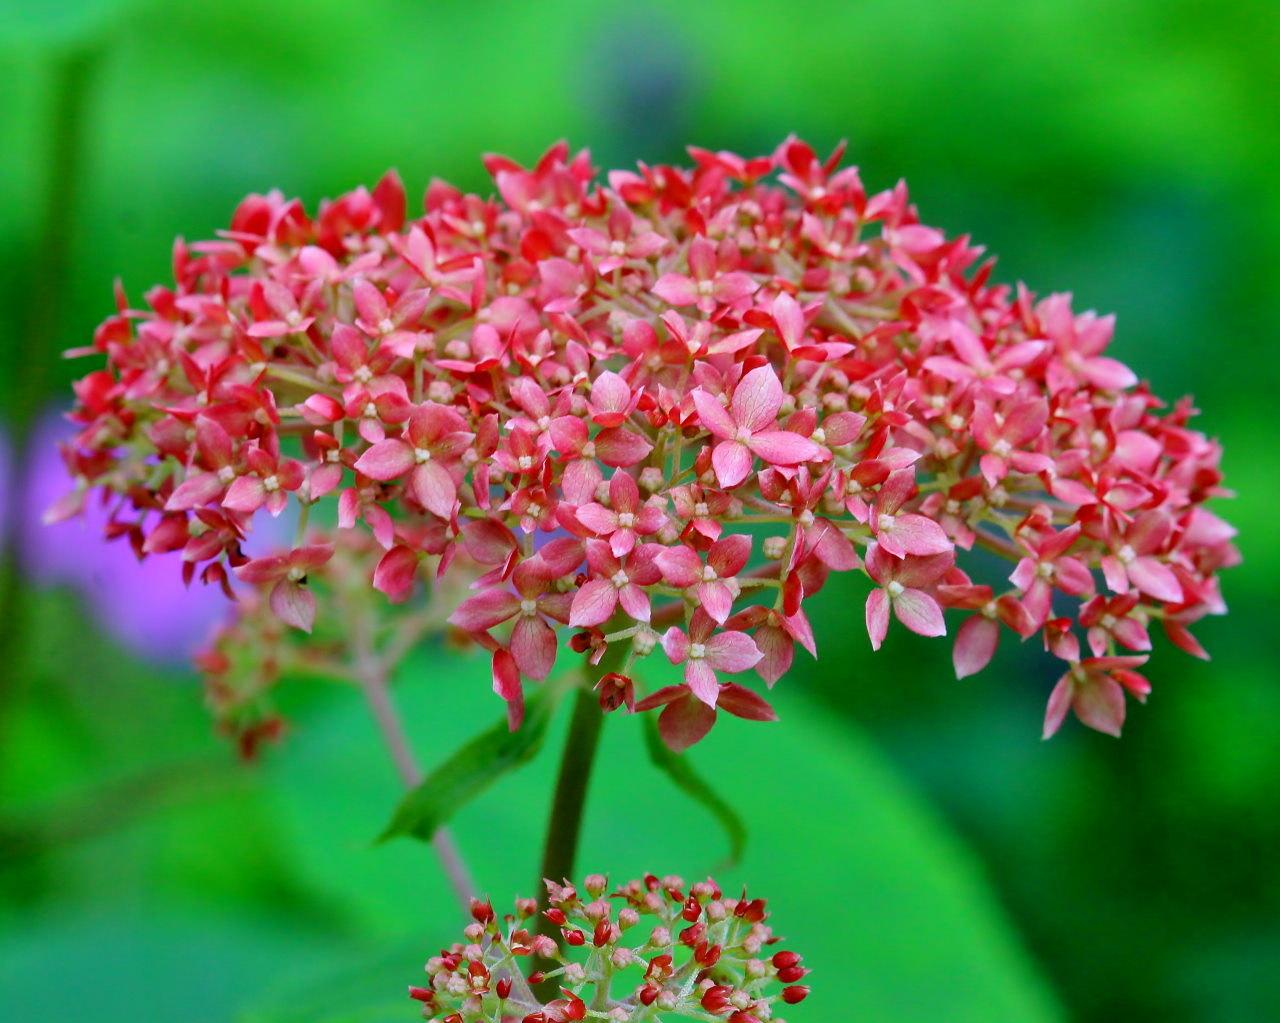 梅雨さ中 またまたレイクガーデンで花や虫_c0305565_17540627.jpg